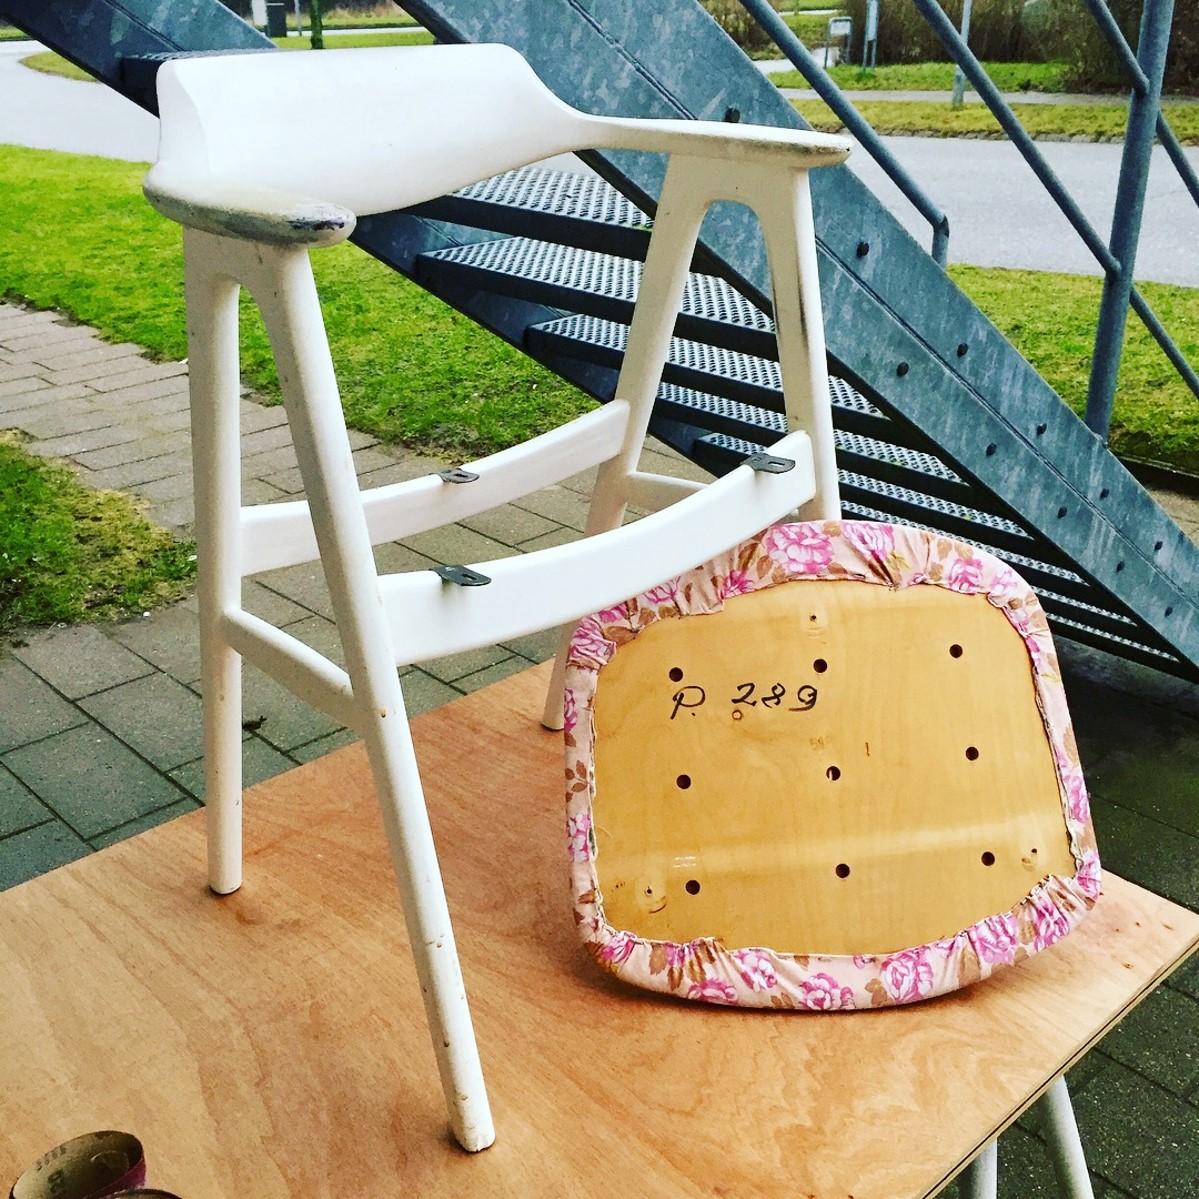 Jeg skilte stolen ad. Med denne tyde stole er det forholdsvis simpelt, i det at sædet kan skrues af og så strippe det for det gamle betræk.